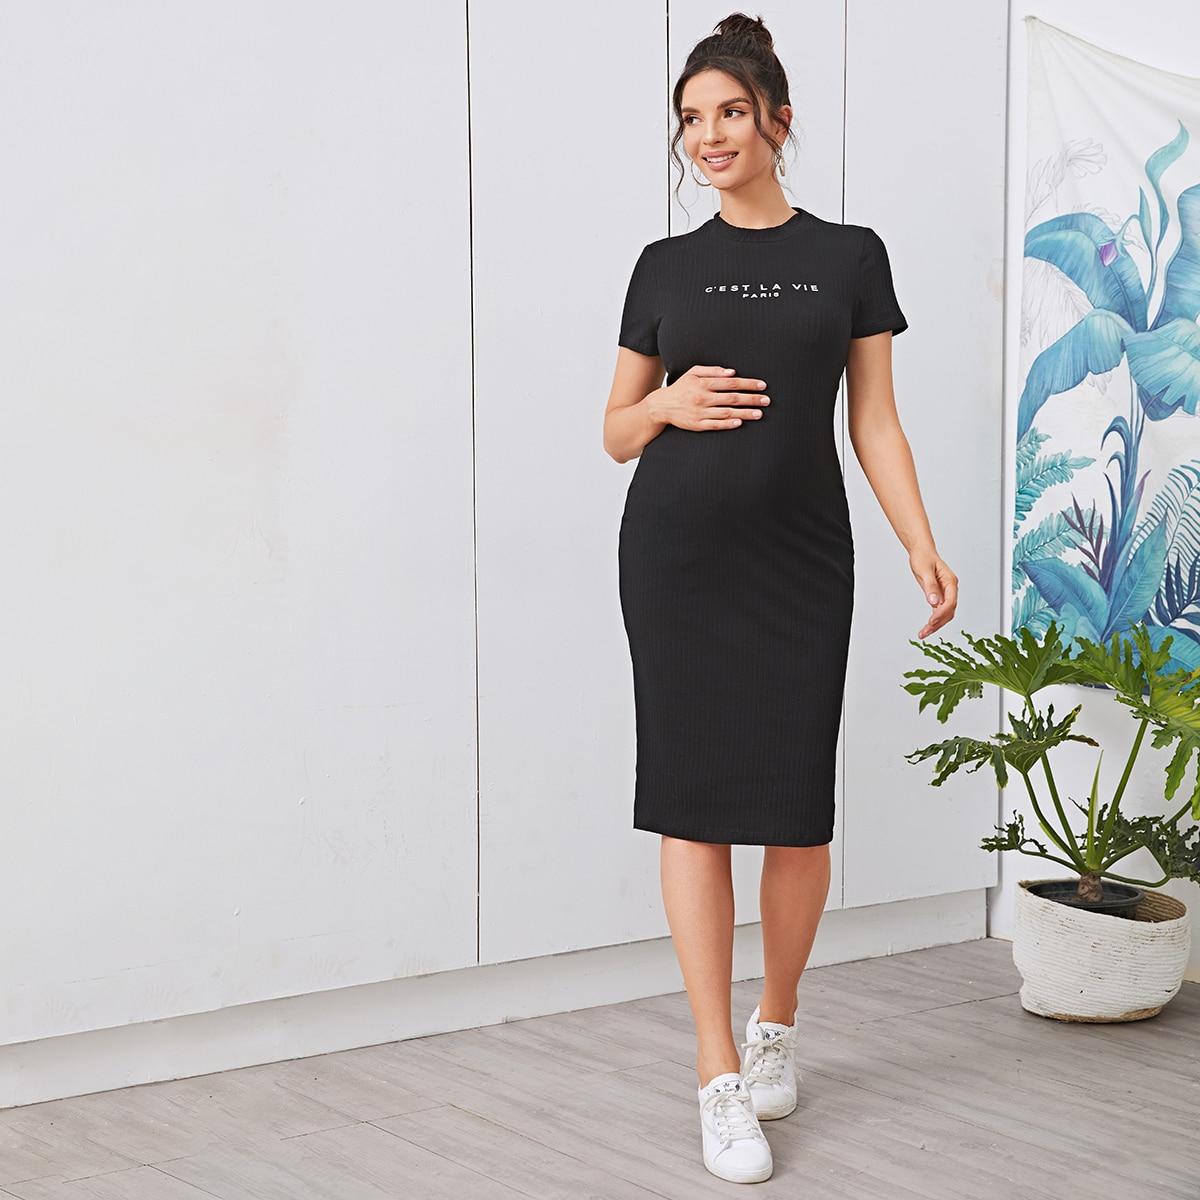 Трикотажное платье для беременных с текстовым принтом от SHEIN